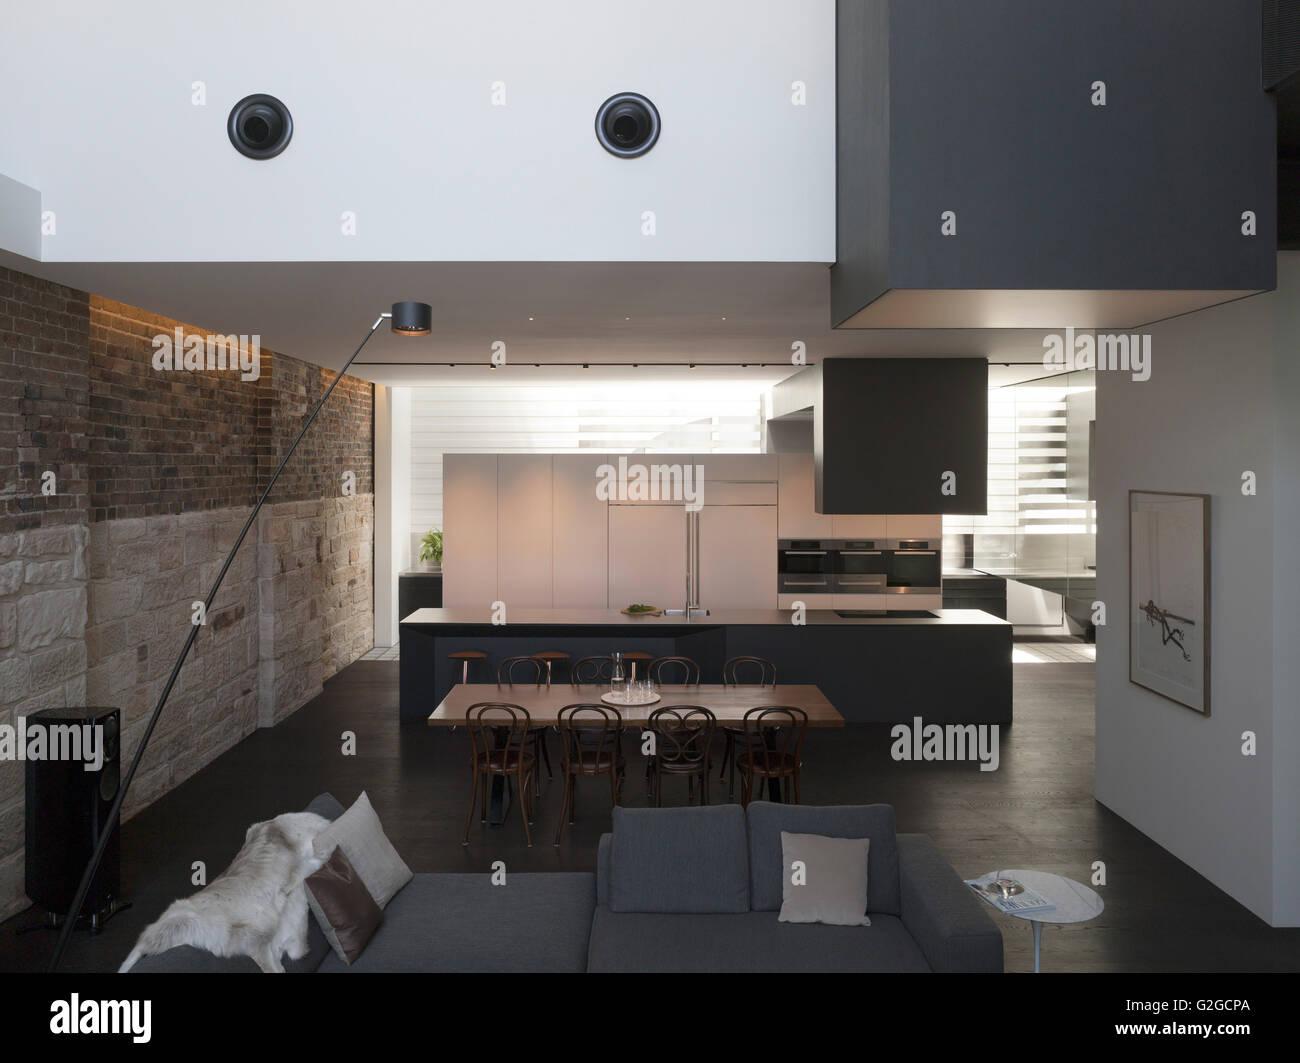 Living Area Room Stockfotos & Living Area Room Bilder - Seite 22 - Alamy